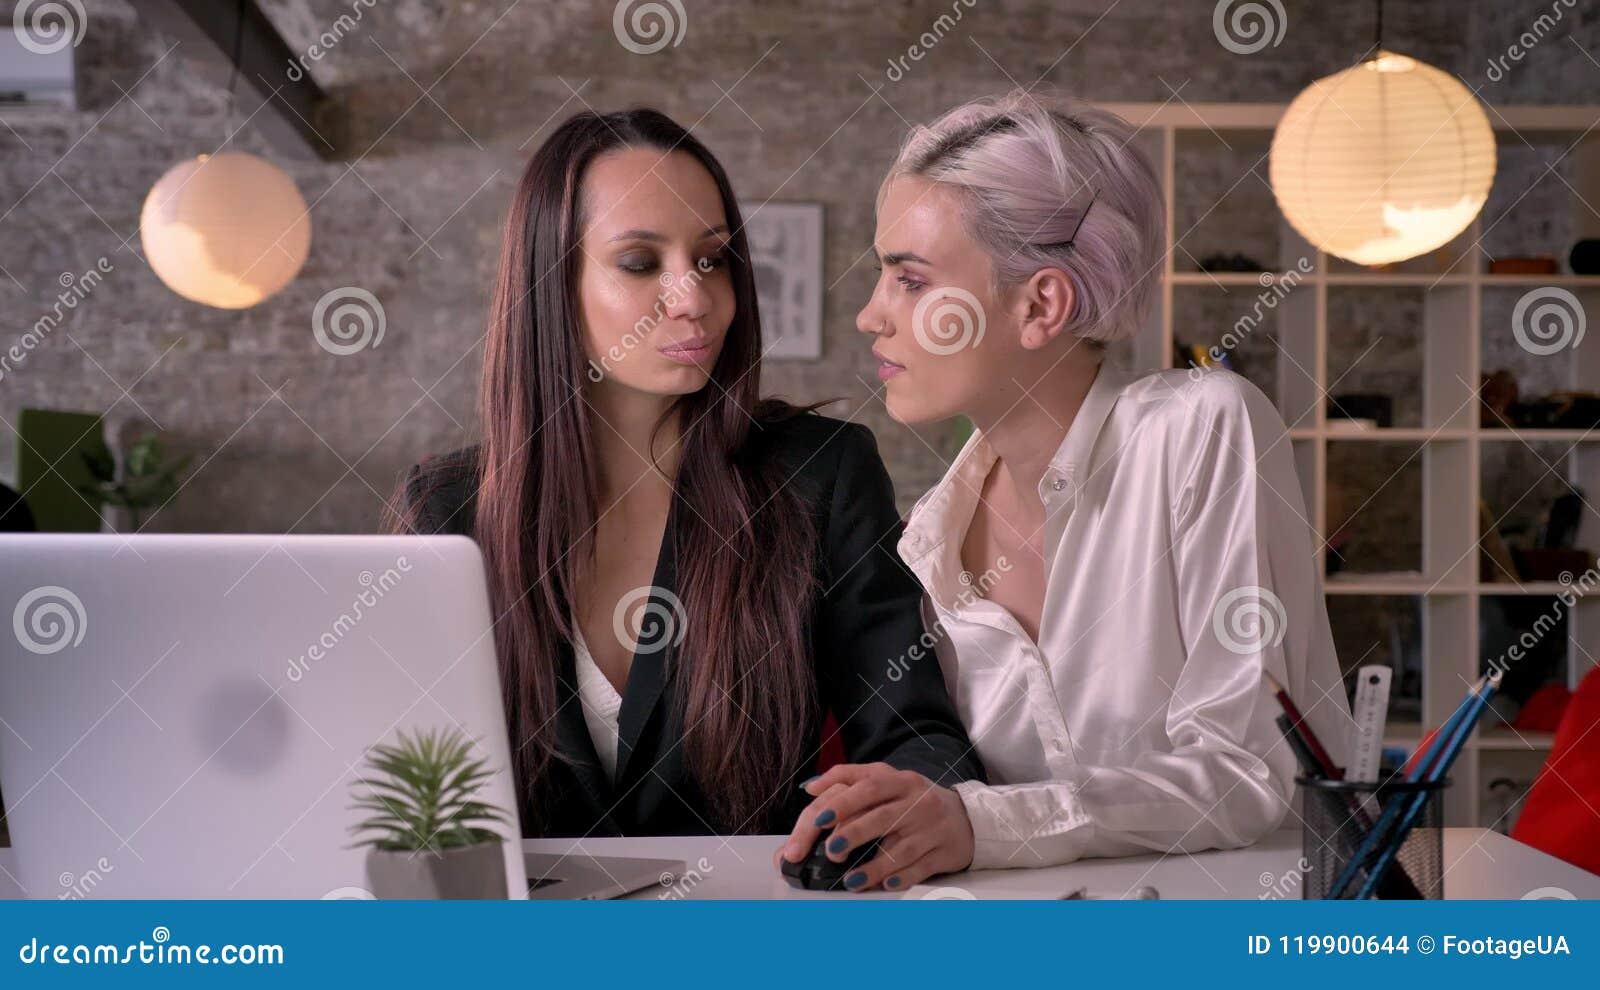 Sexy Shemale Fucks Lesbian